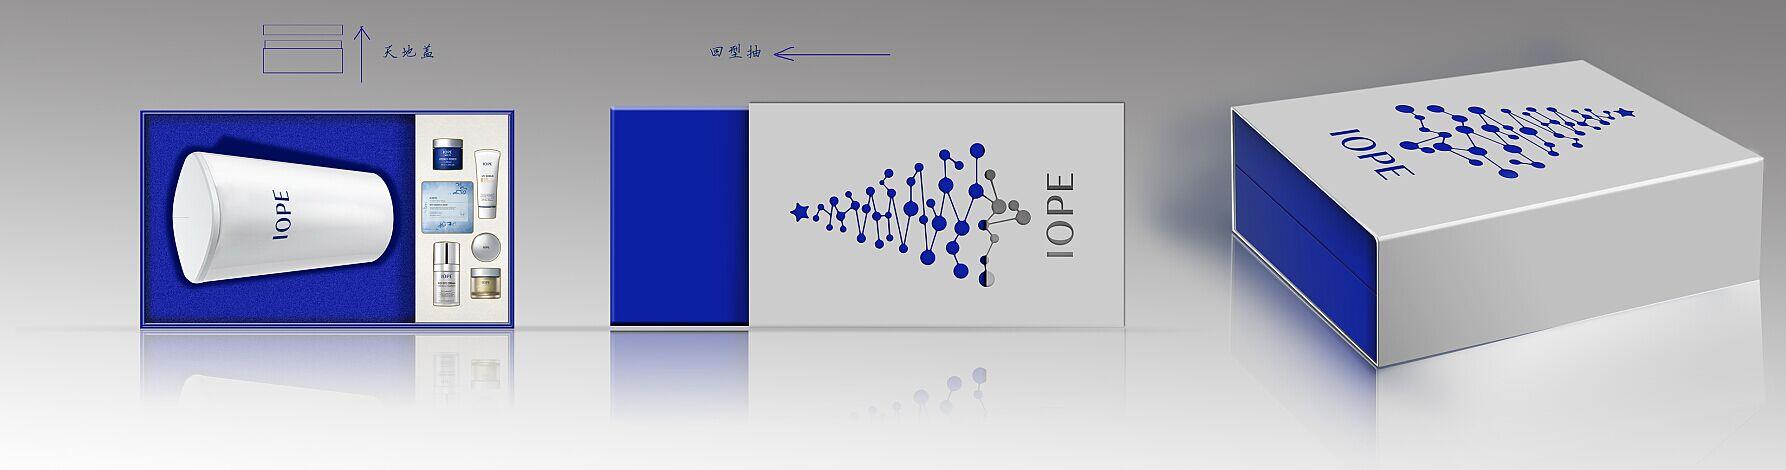 iope包装设计_强臣品牌设计案例展示_一品威客网